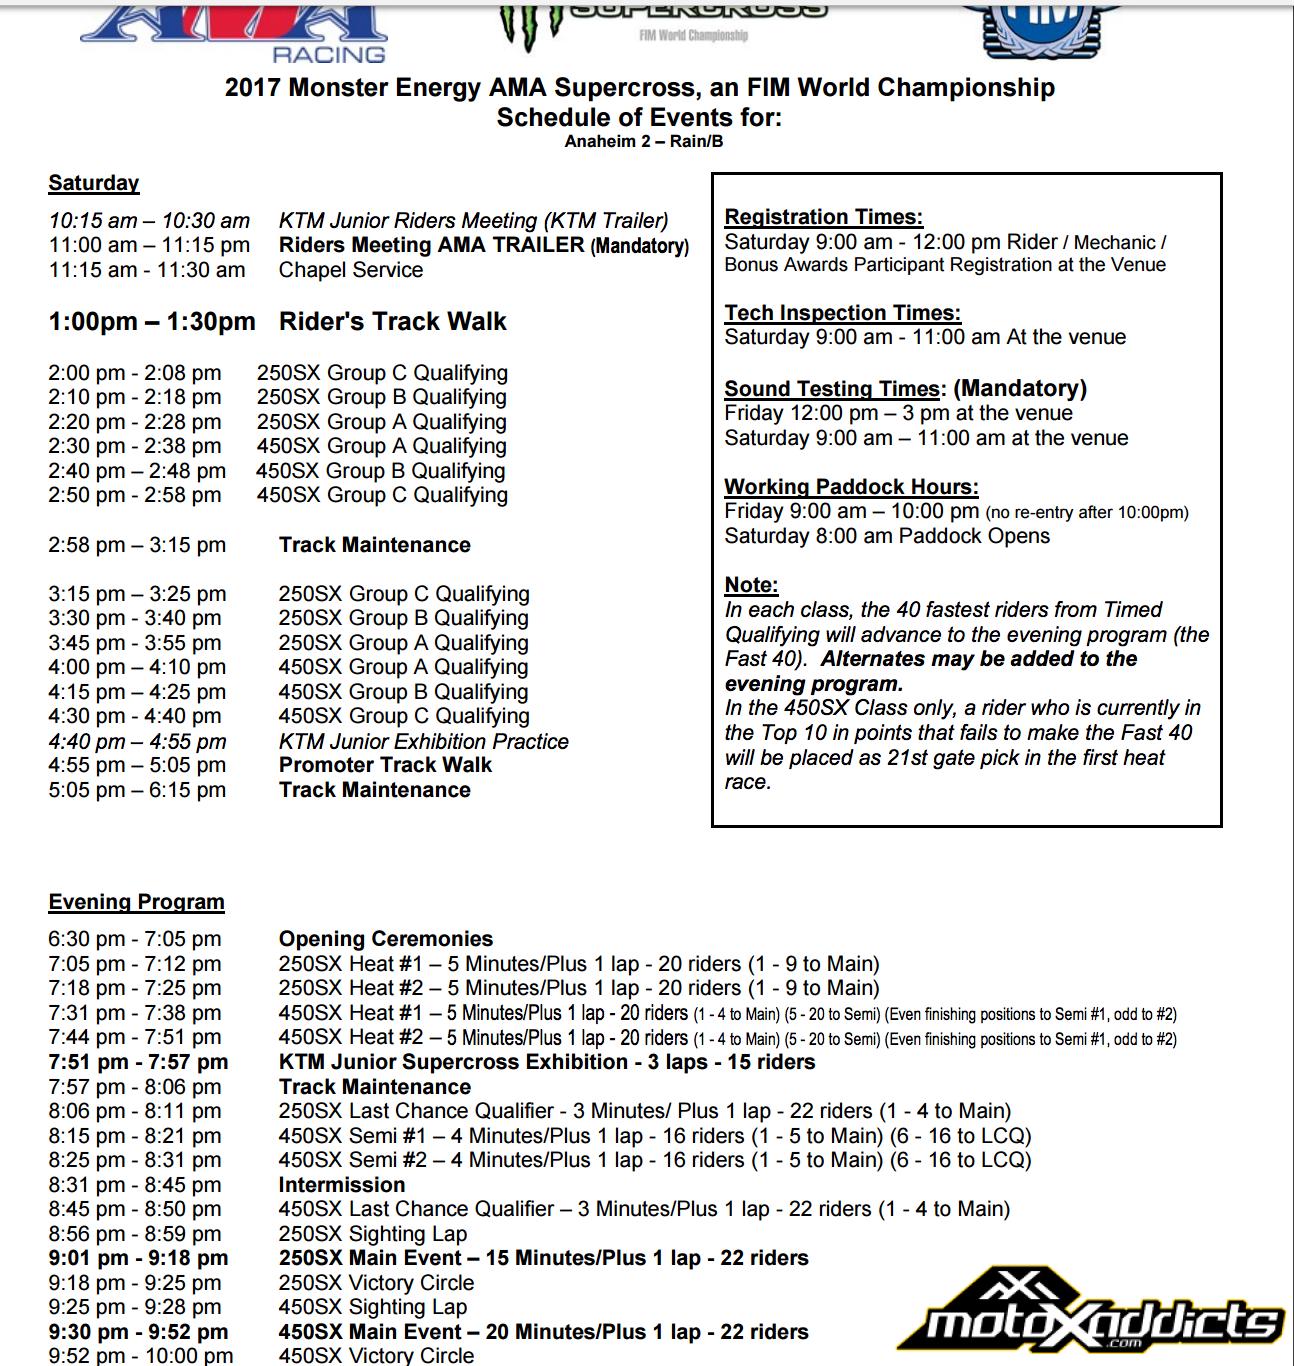 Rain Delay Schedule for Anaheim 2 SX